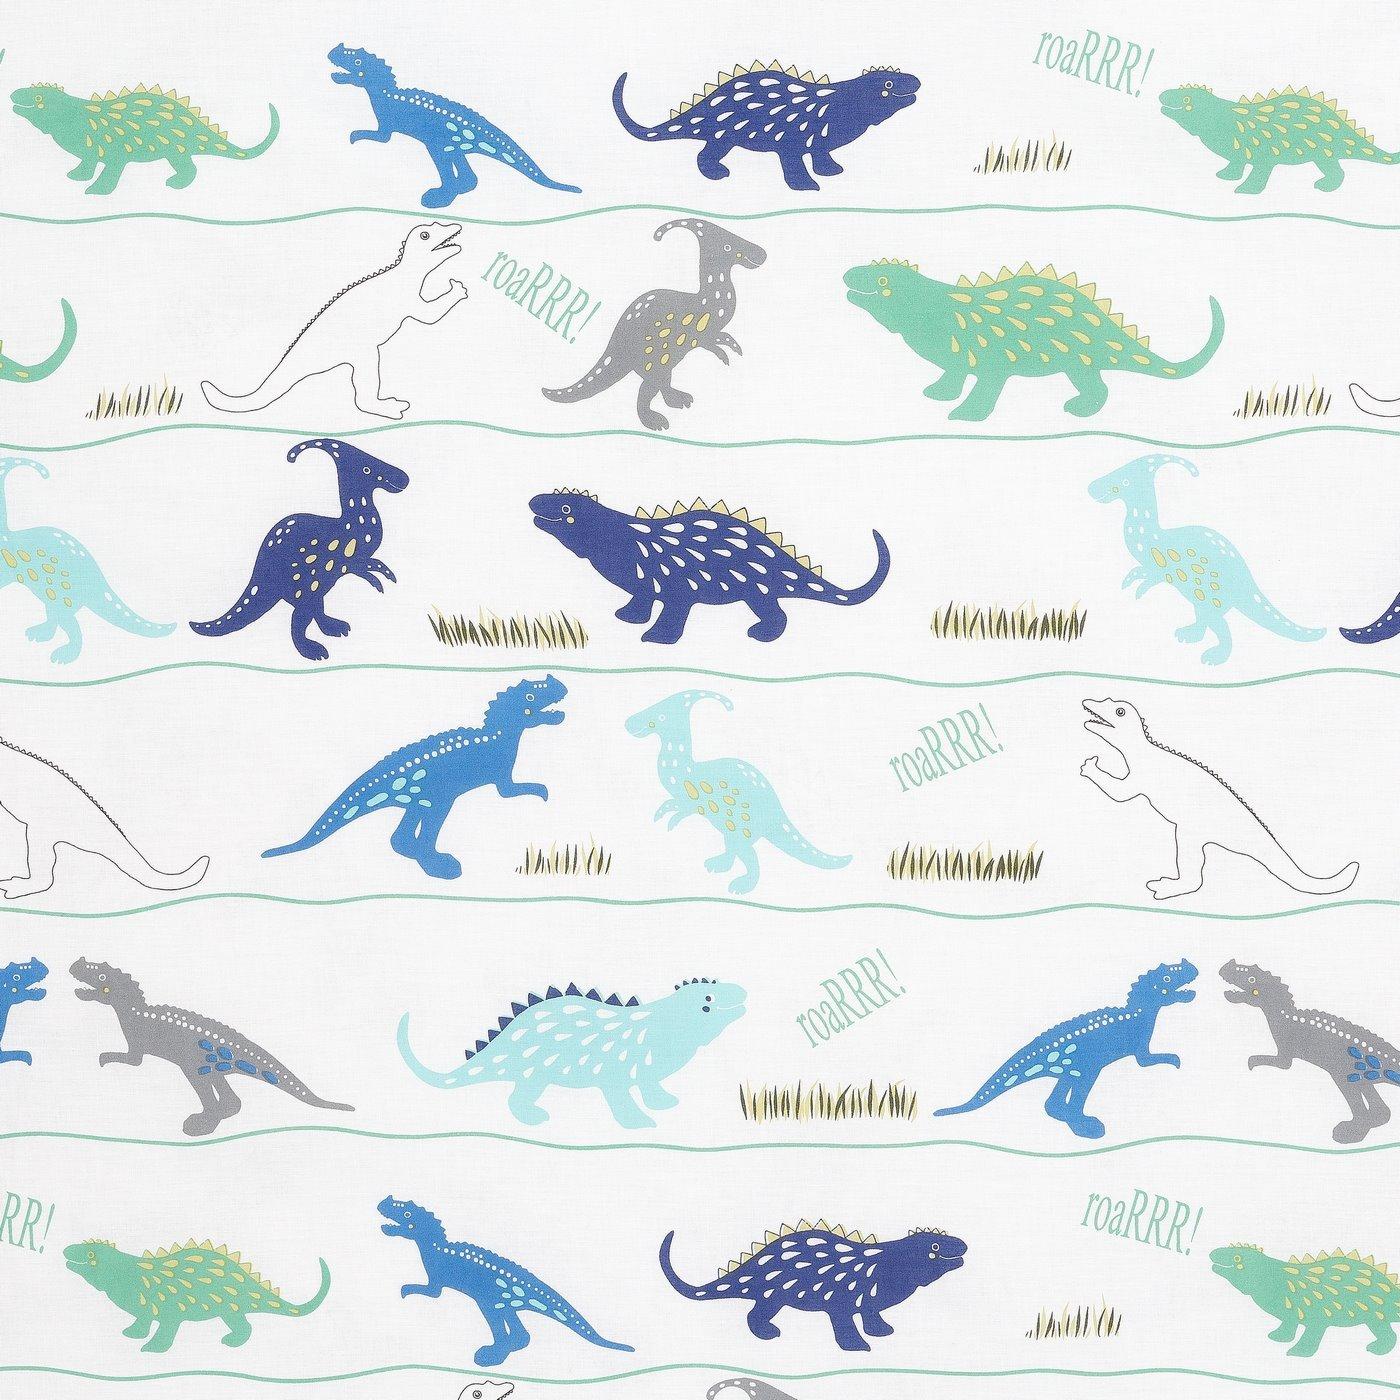 Komplet pościeli bawełnianej DINO 140x200 1szt 70x80 dziecięca pościel w dinozaury